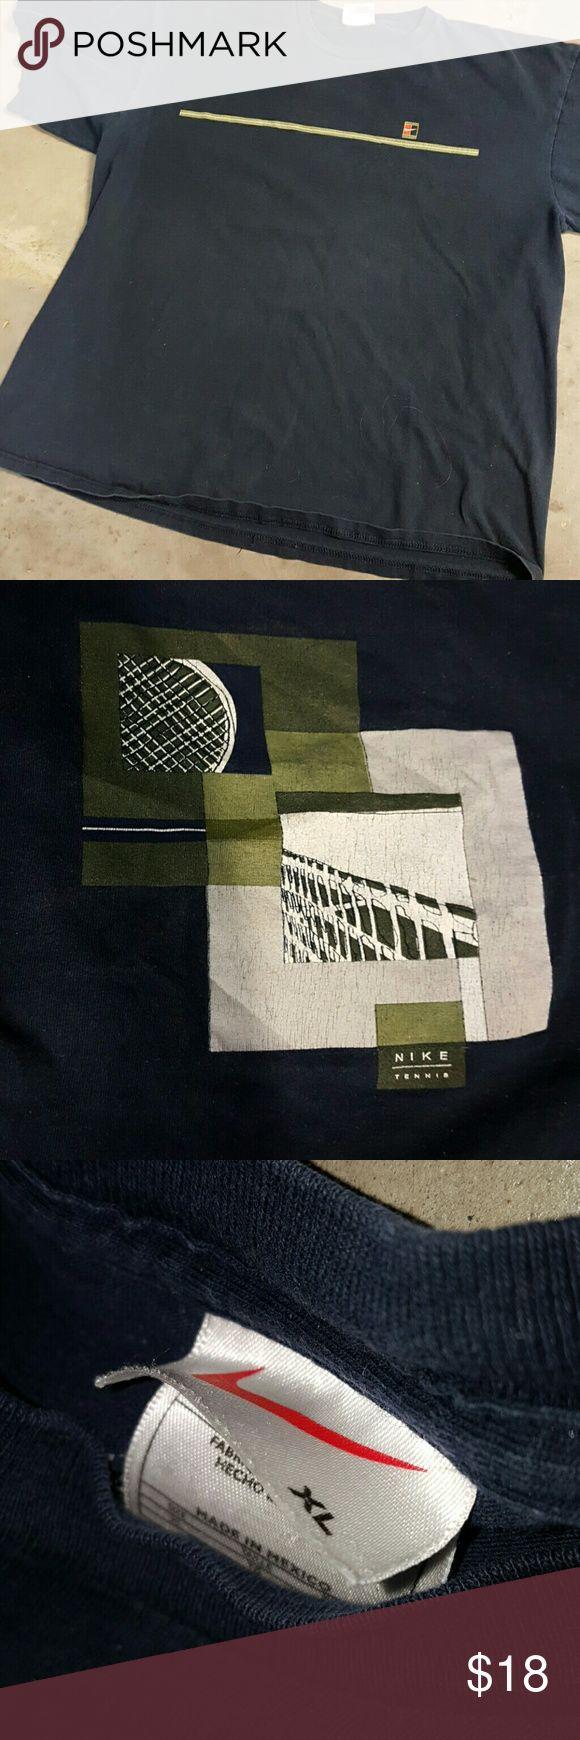 Nike extra large tennis T-shirt Extra large Nike tennis T-shirt all cotton Nike Shirts Tees - Short Sleeve